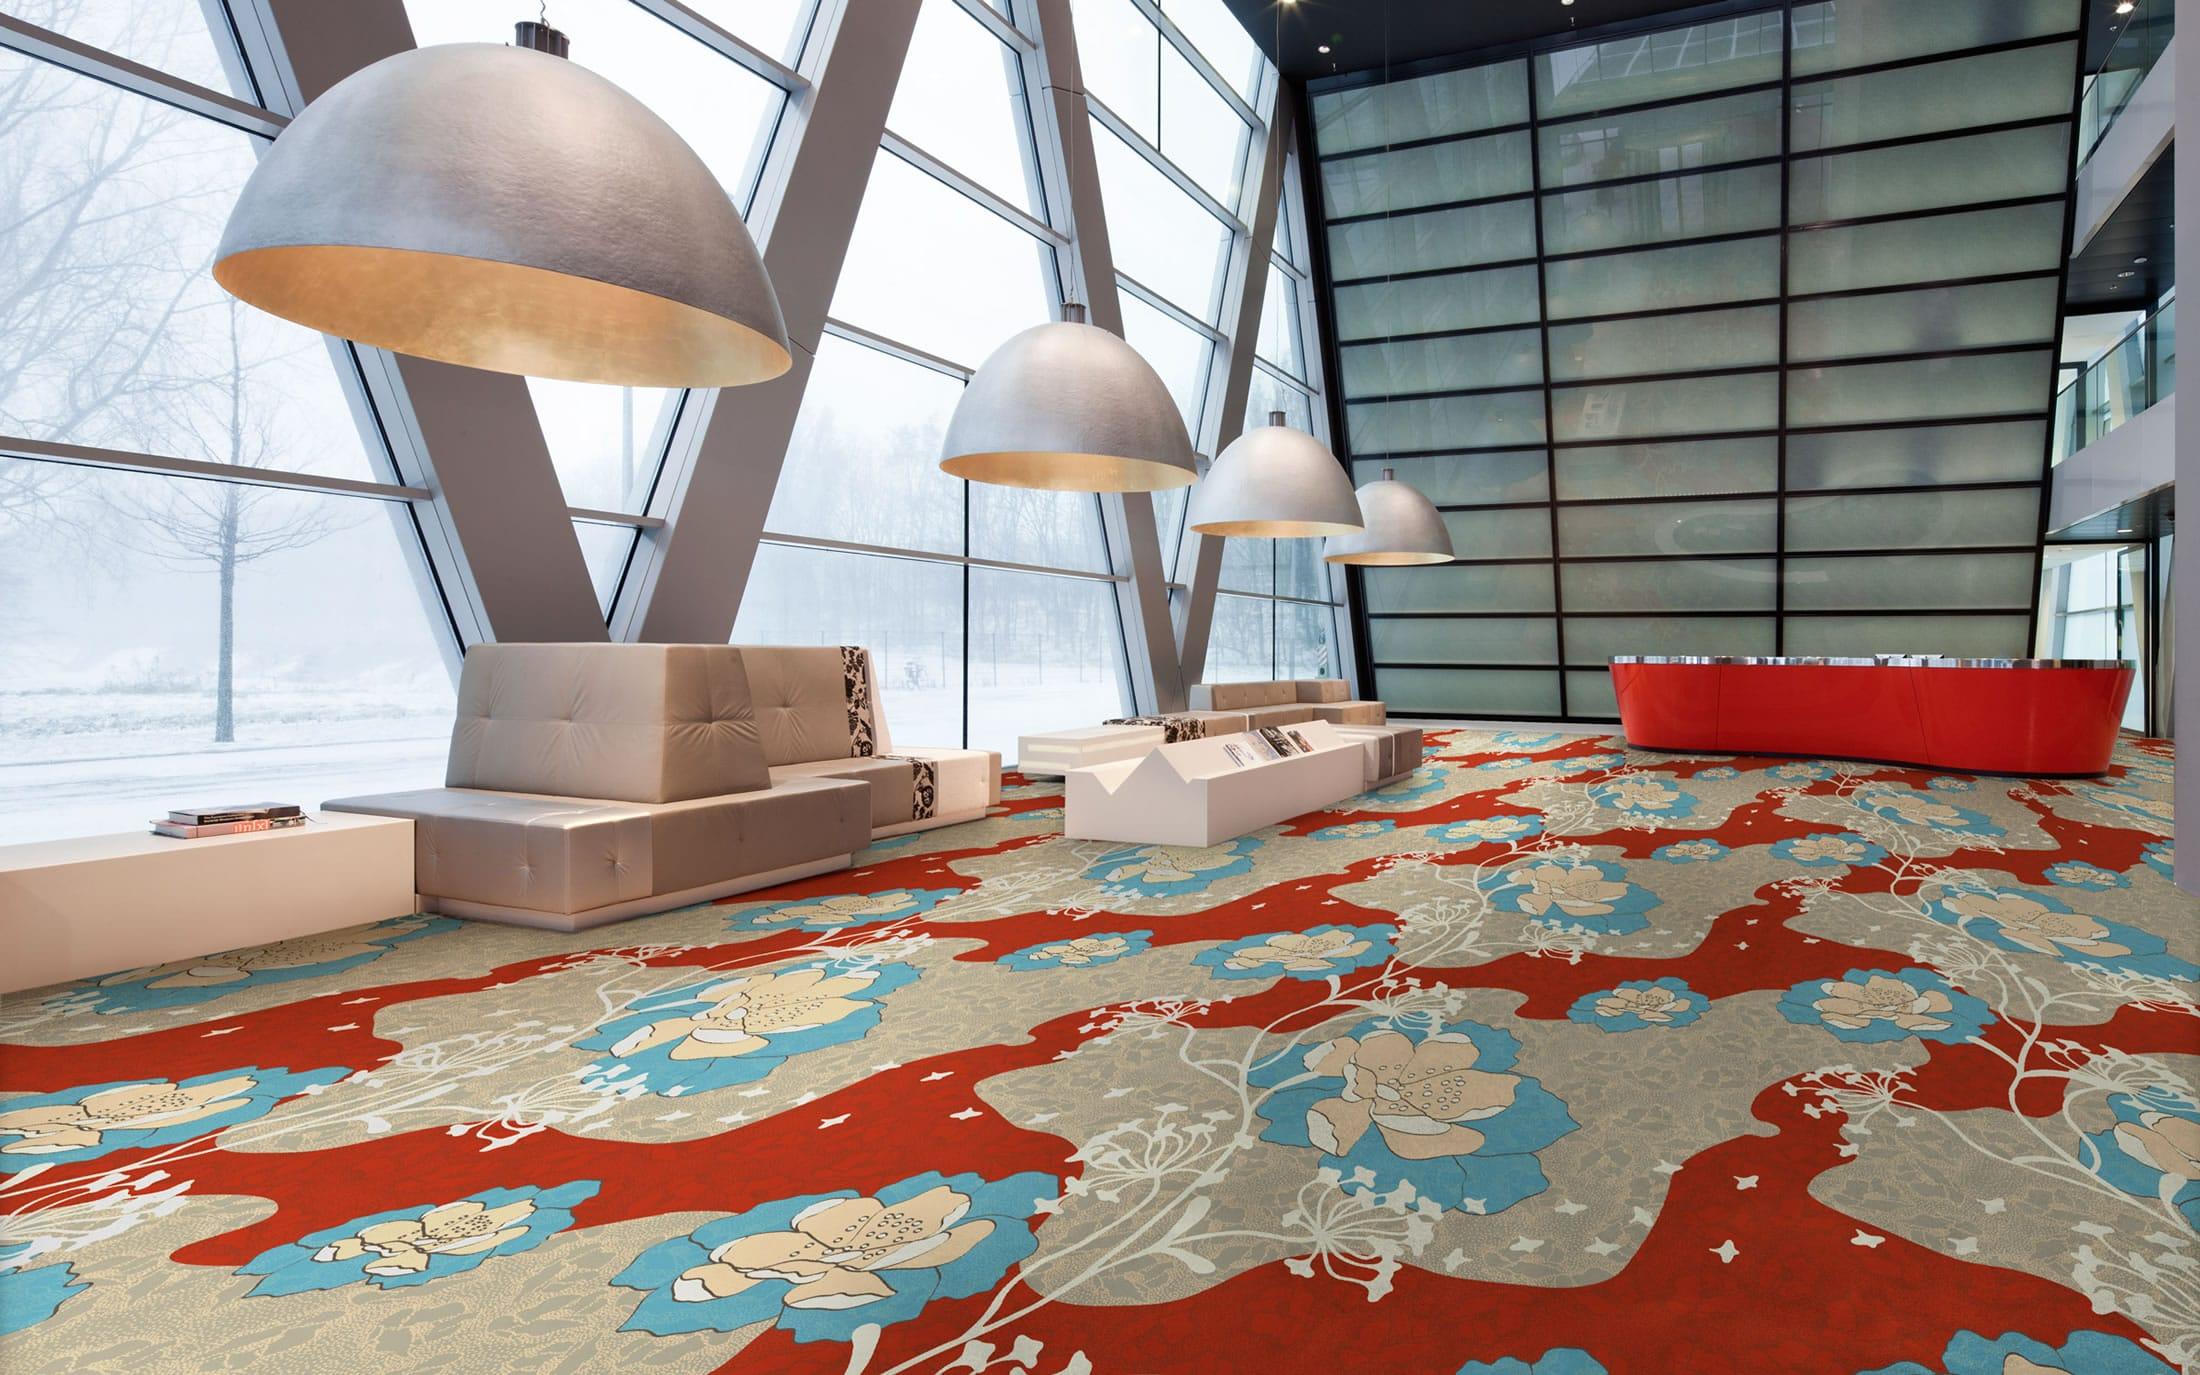 Vloerbedekking Met Motief : Tapijt collectie floorfashion by muurbloem design haori muurbloem.com